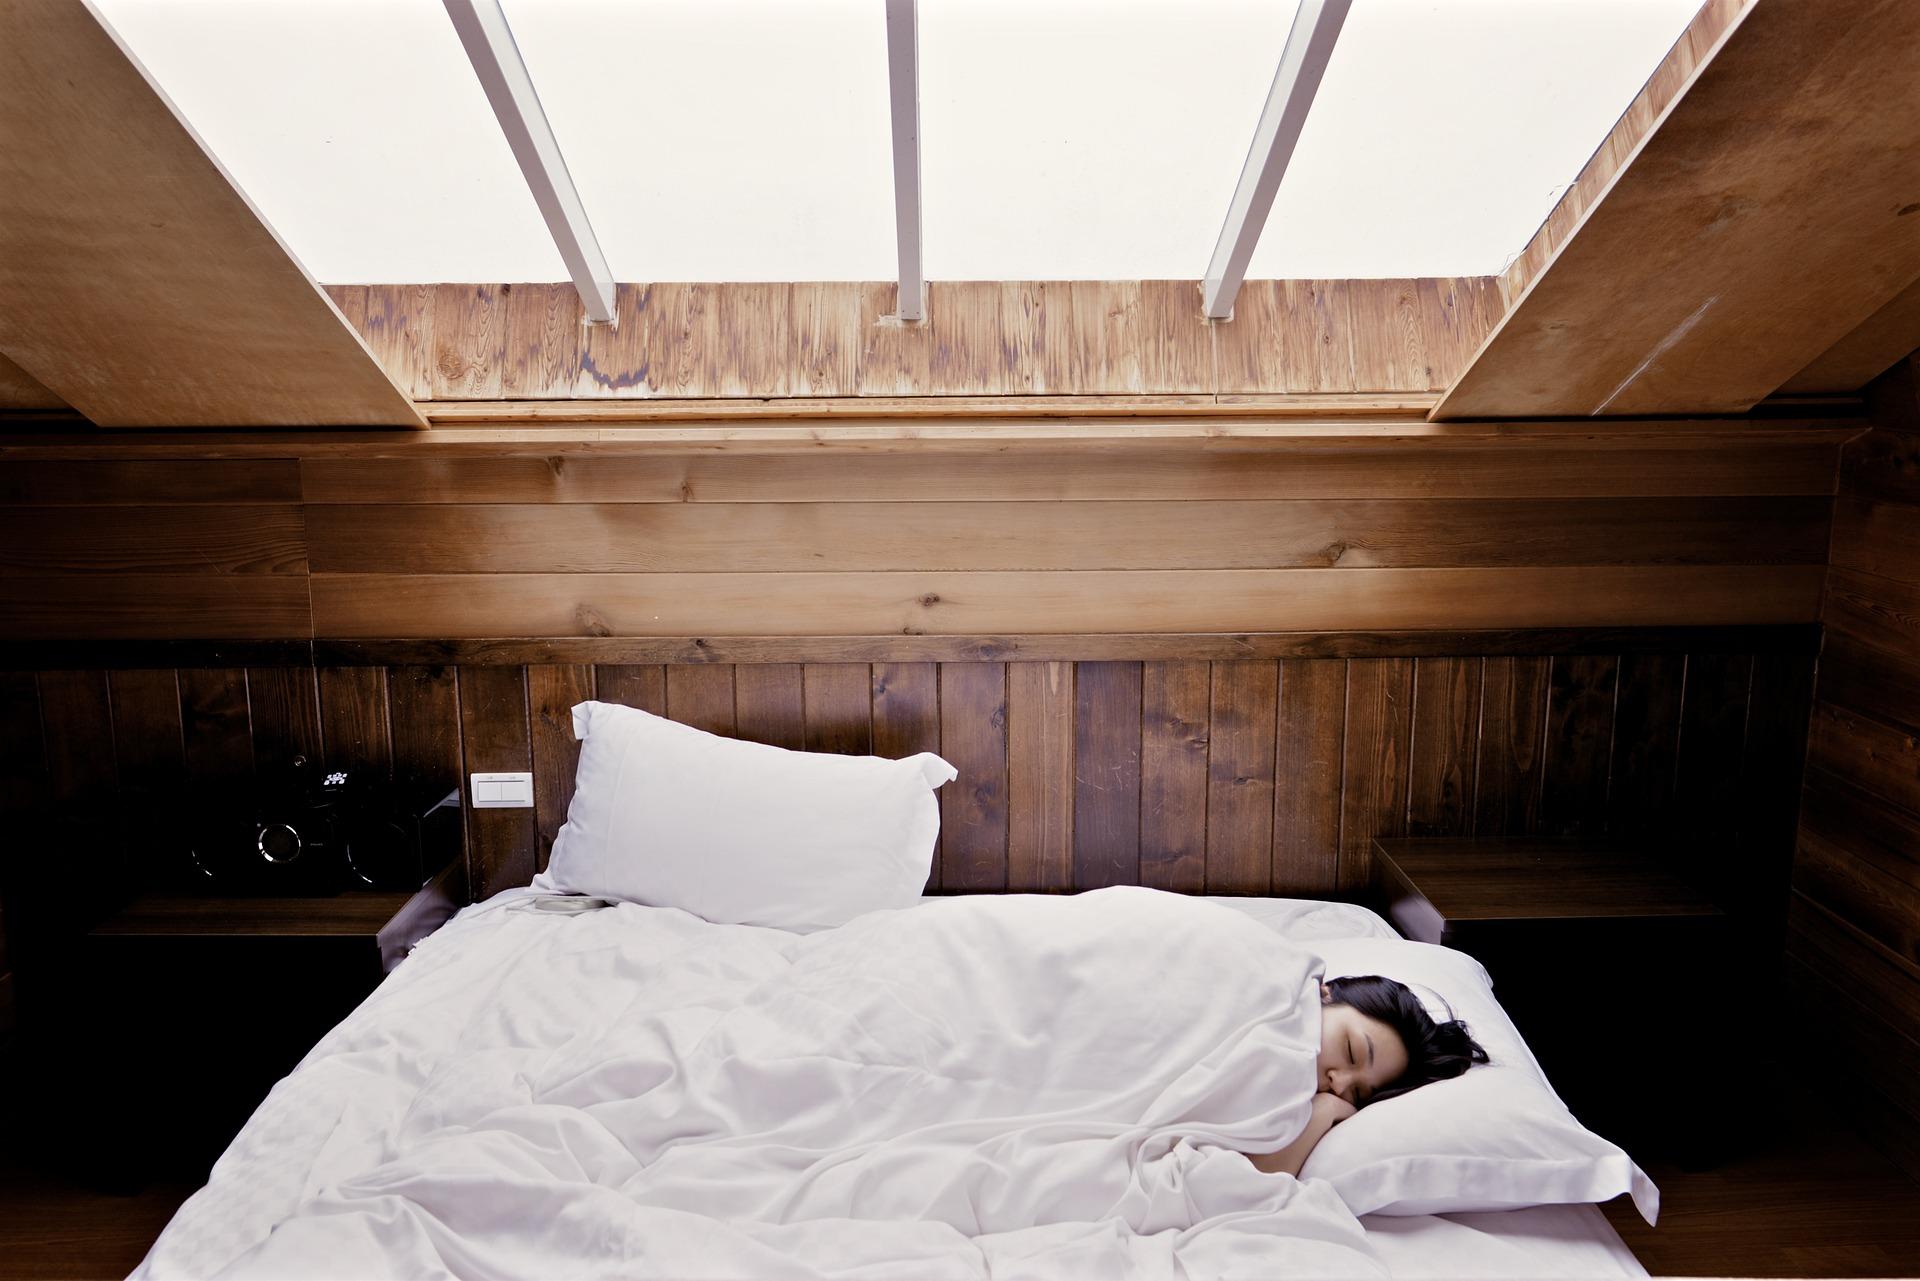 rls în timp ce dormi